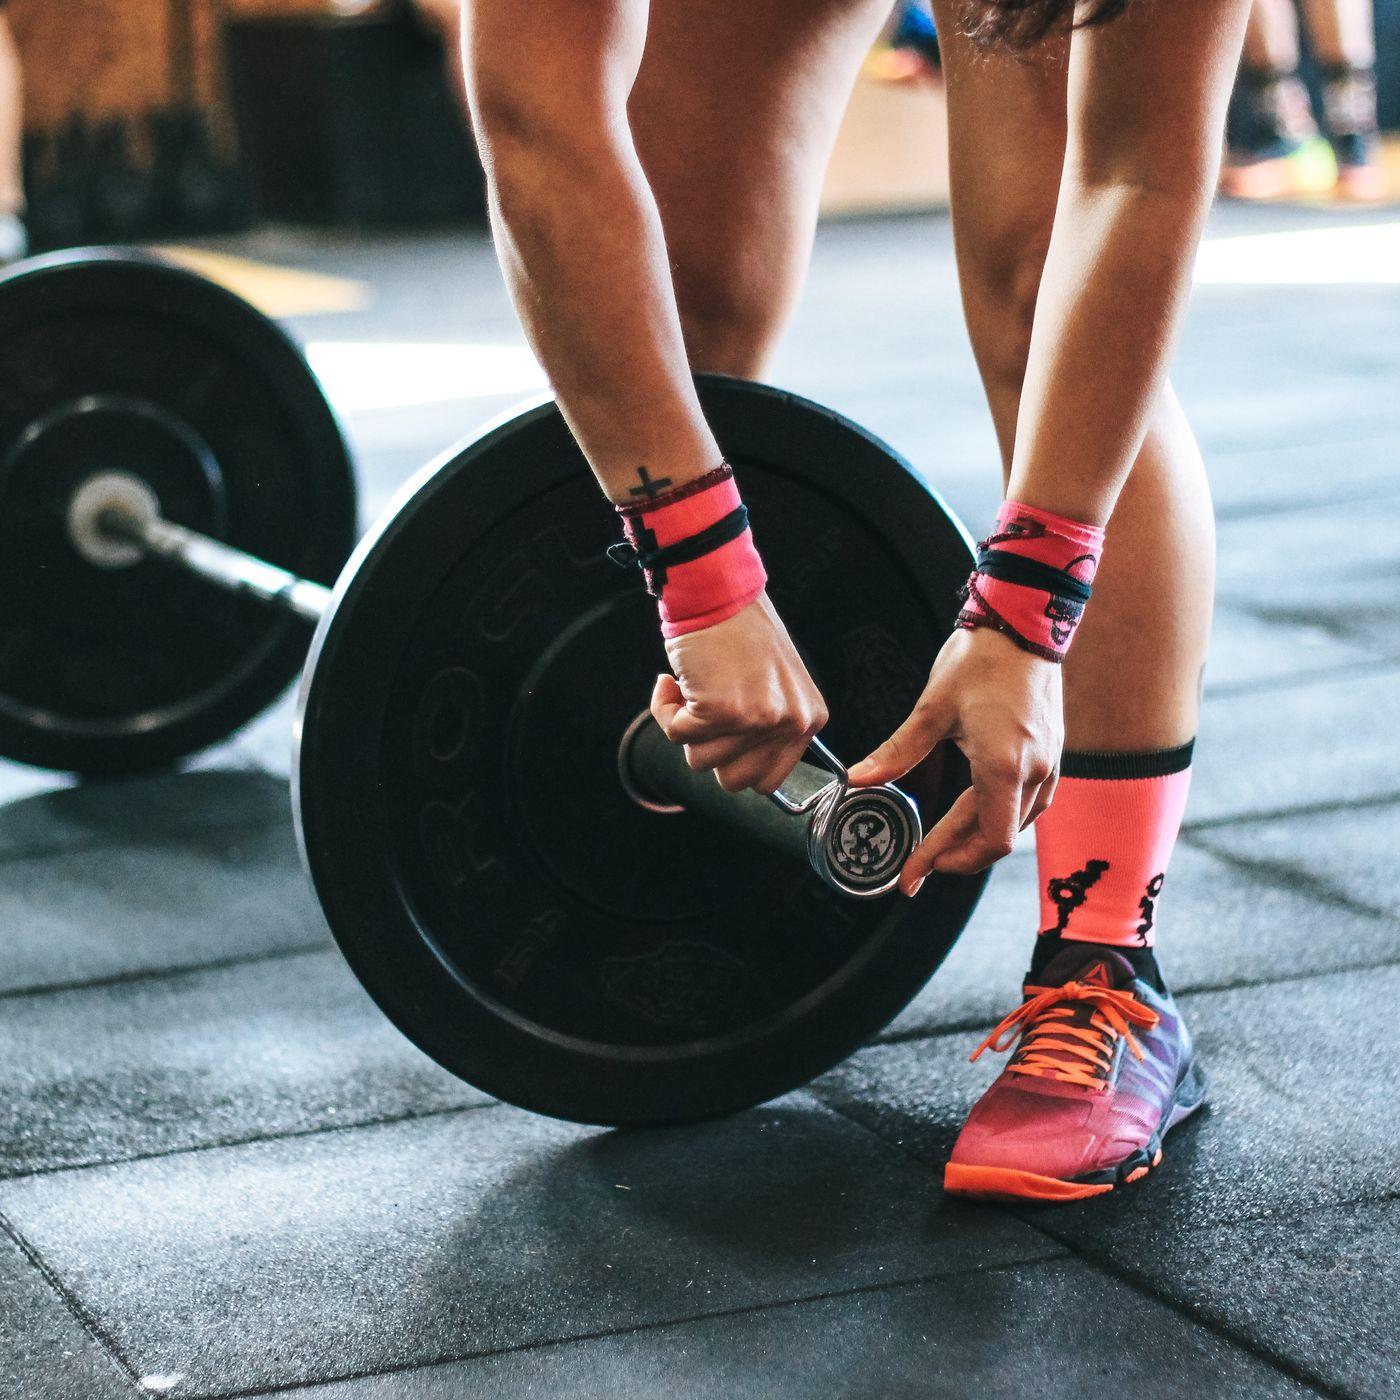 #31: 'Må træning gøre ondt?' med Ben Smith